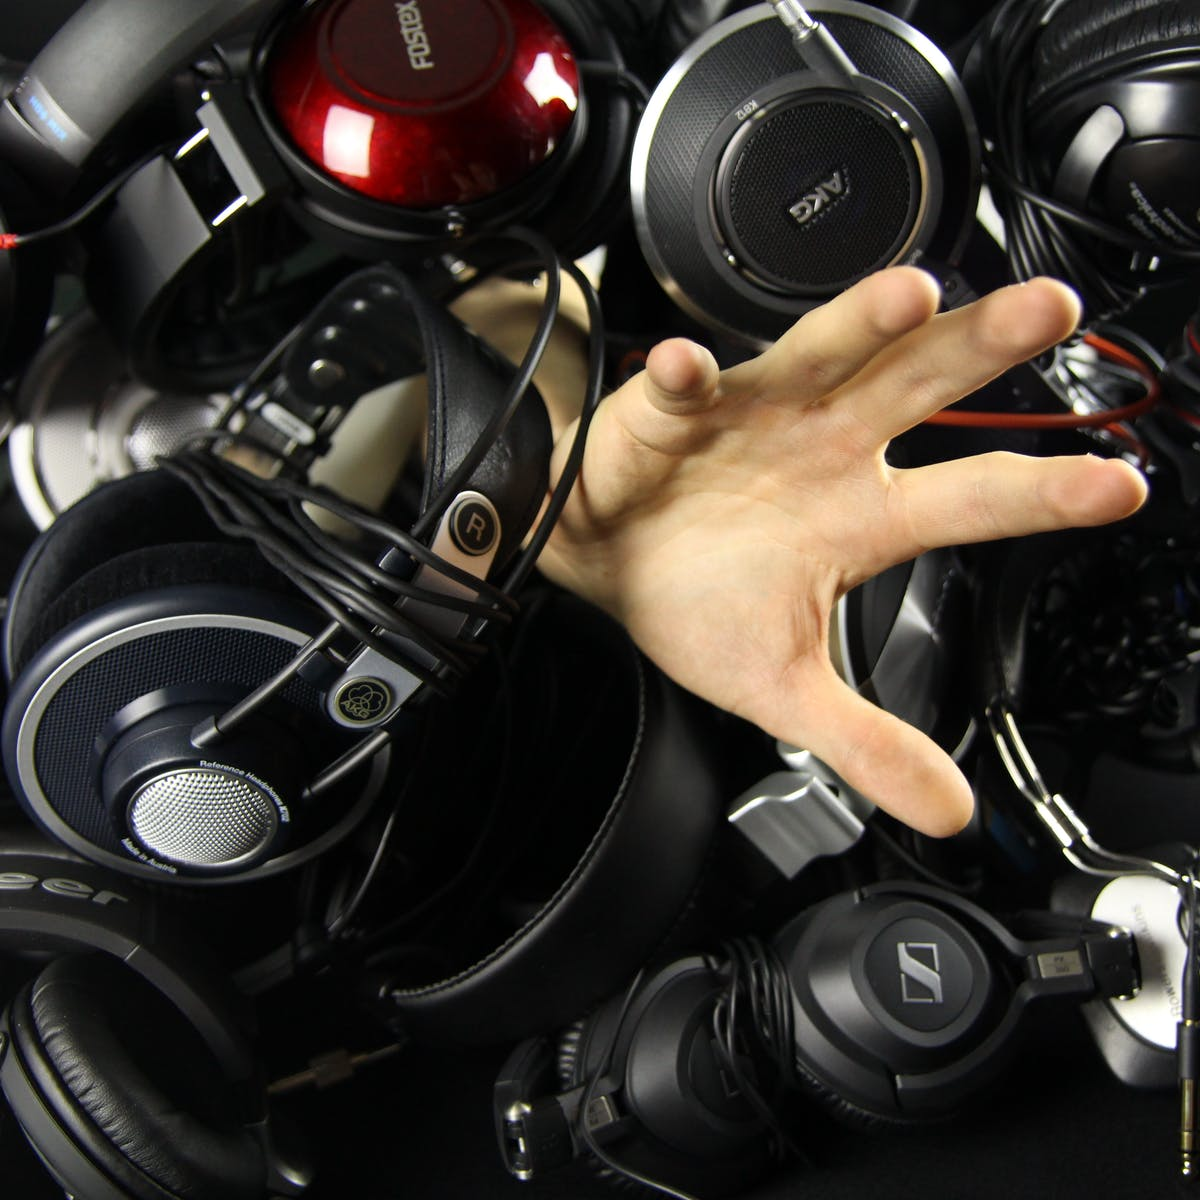 Titelbild-KI-Künstliche-Intelligenz-Musik-Algorithmus-Kopfhörer-Hand-pixabay-764866-vanleuven0